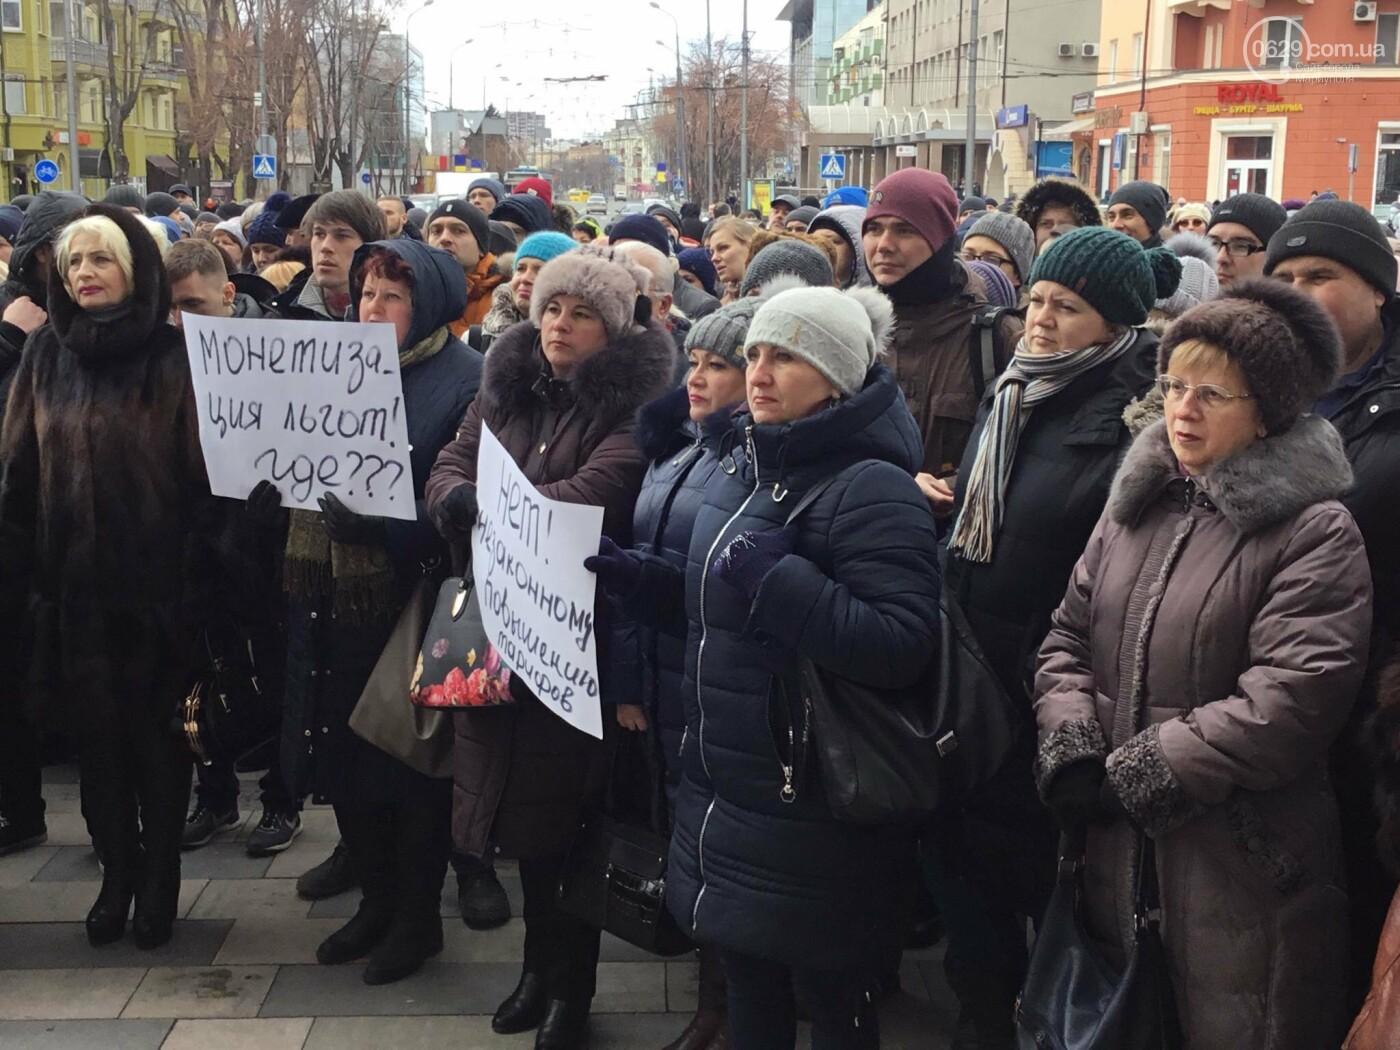 Мариупольцы митингуют против повышения тарифов на проезд, - ФОТО, ВИДЕО, Дополняется, фото-7